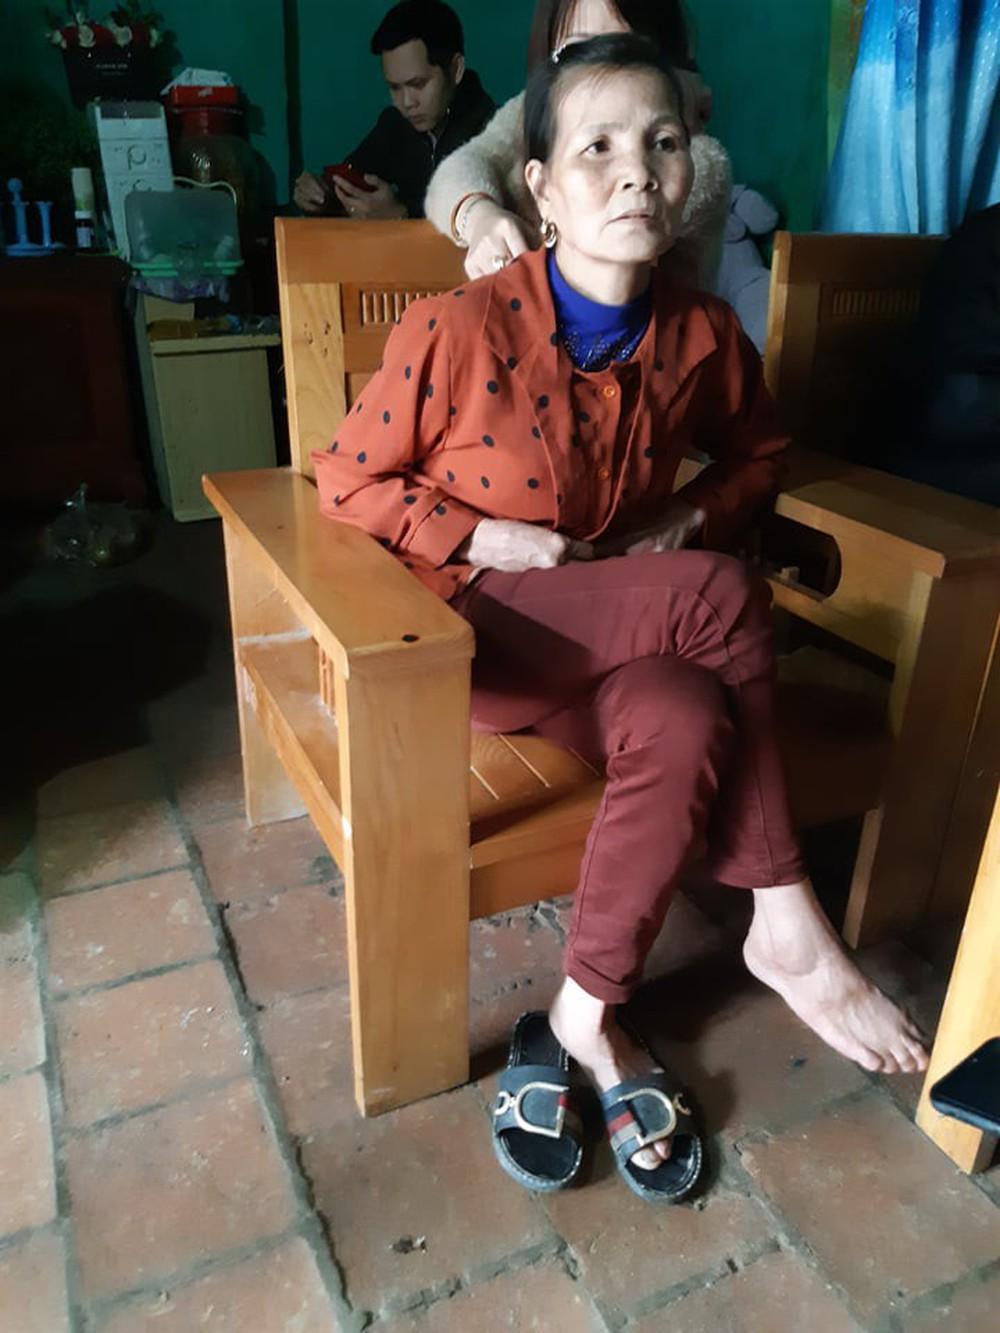 Mẹ Khá Bảnh: Ngoài xã hội không biết nhưng Khá là người yêu thương mẹ, bà, lo cho gia đình - Ảnh 2.